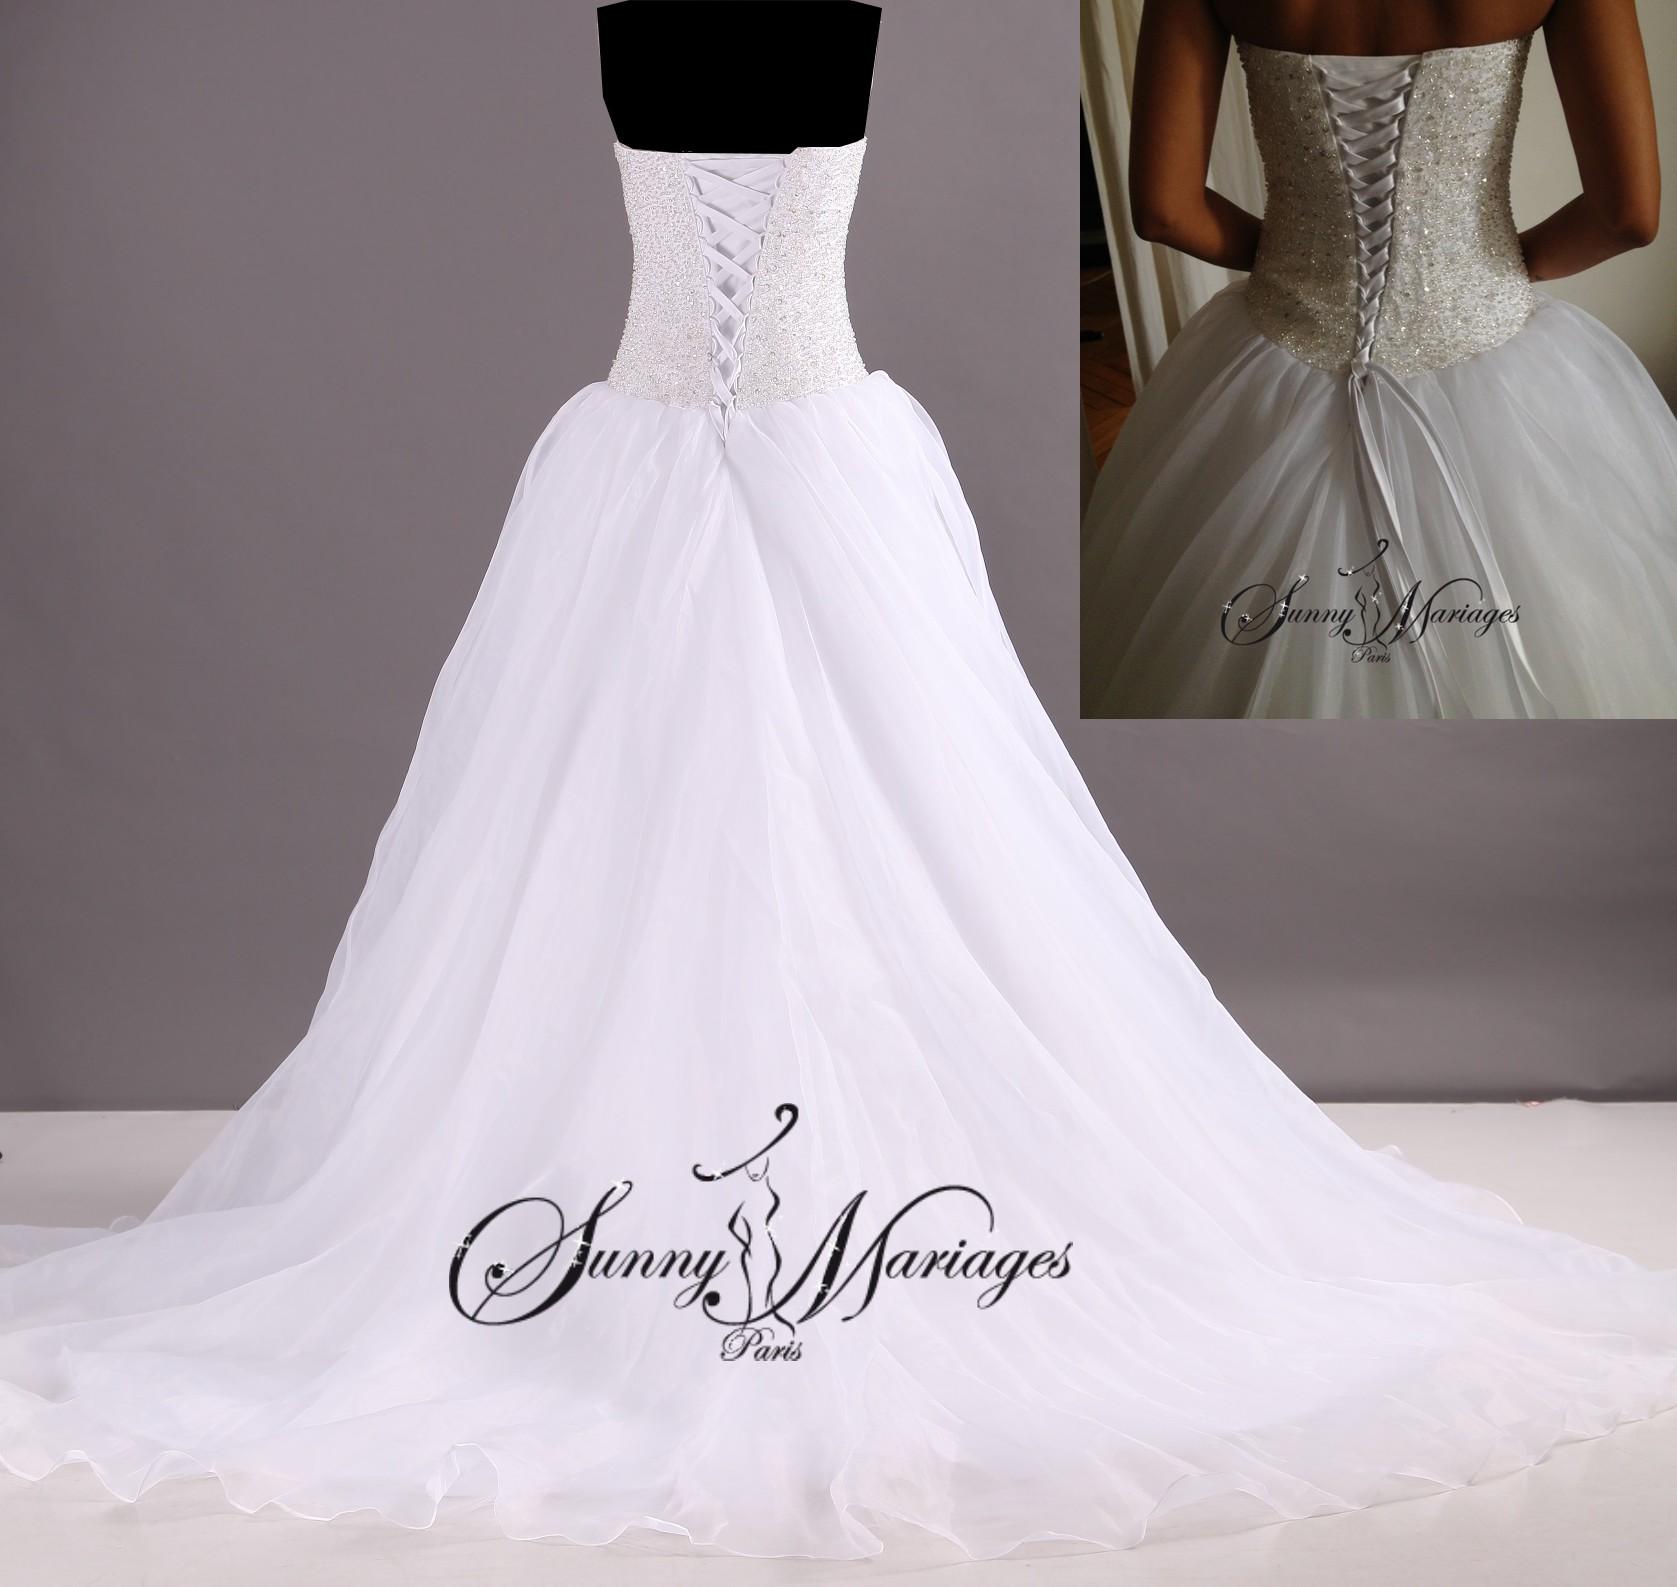 Robe de mariee princesse bustier en perles transparente robe blanche de mariage robe de mariee - Robe de mariee transparente ...